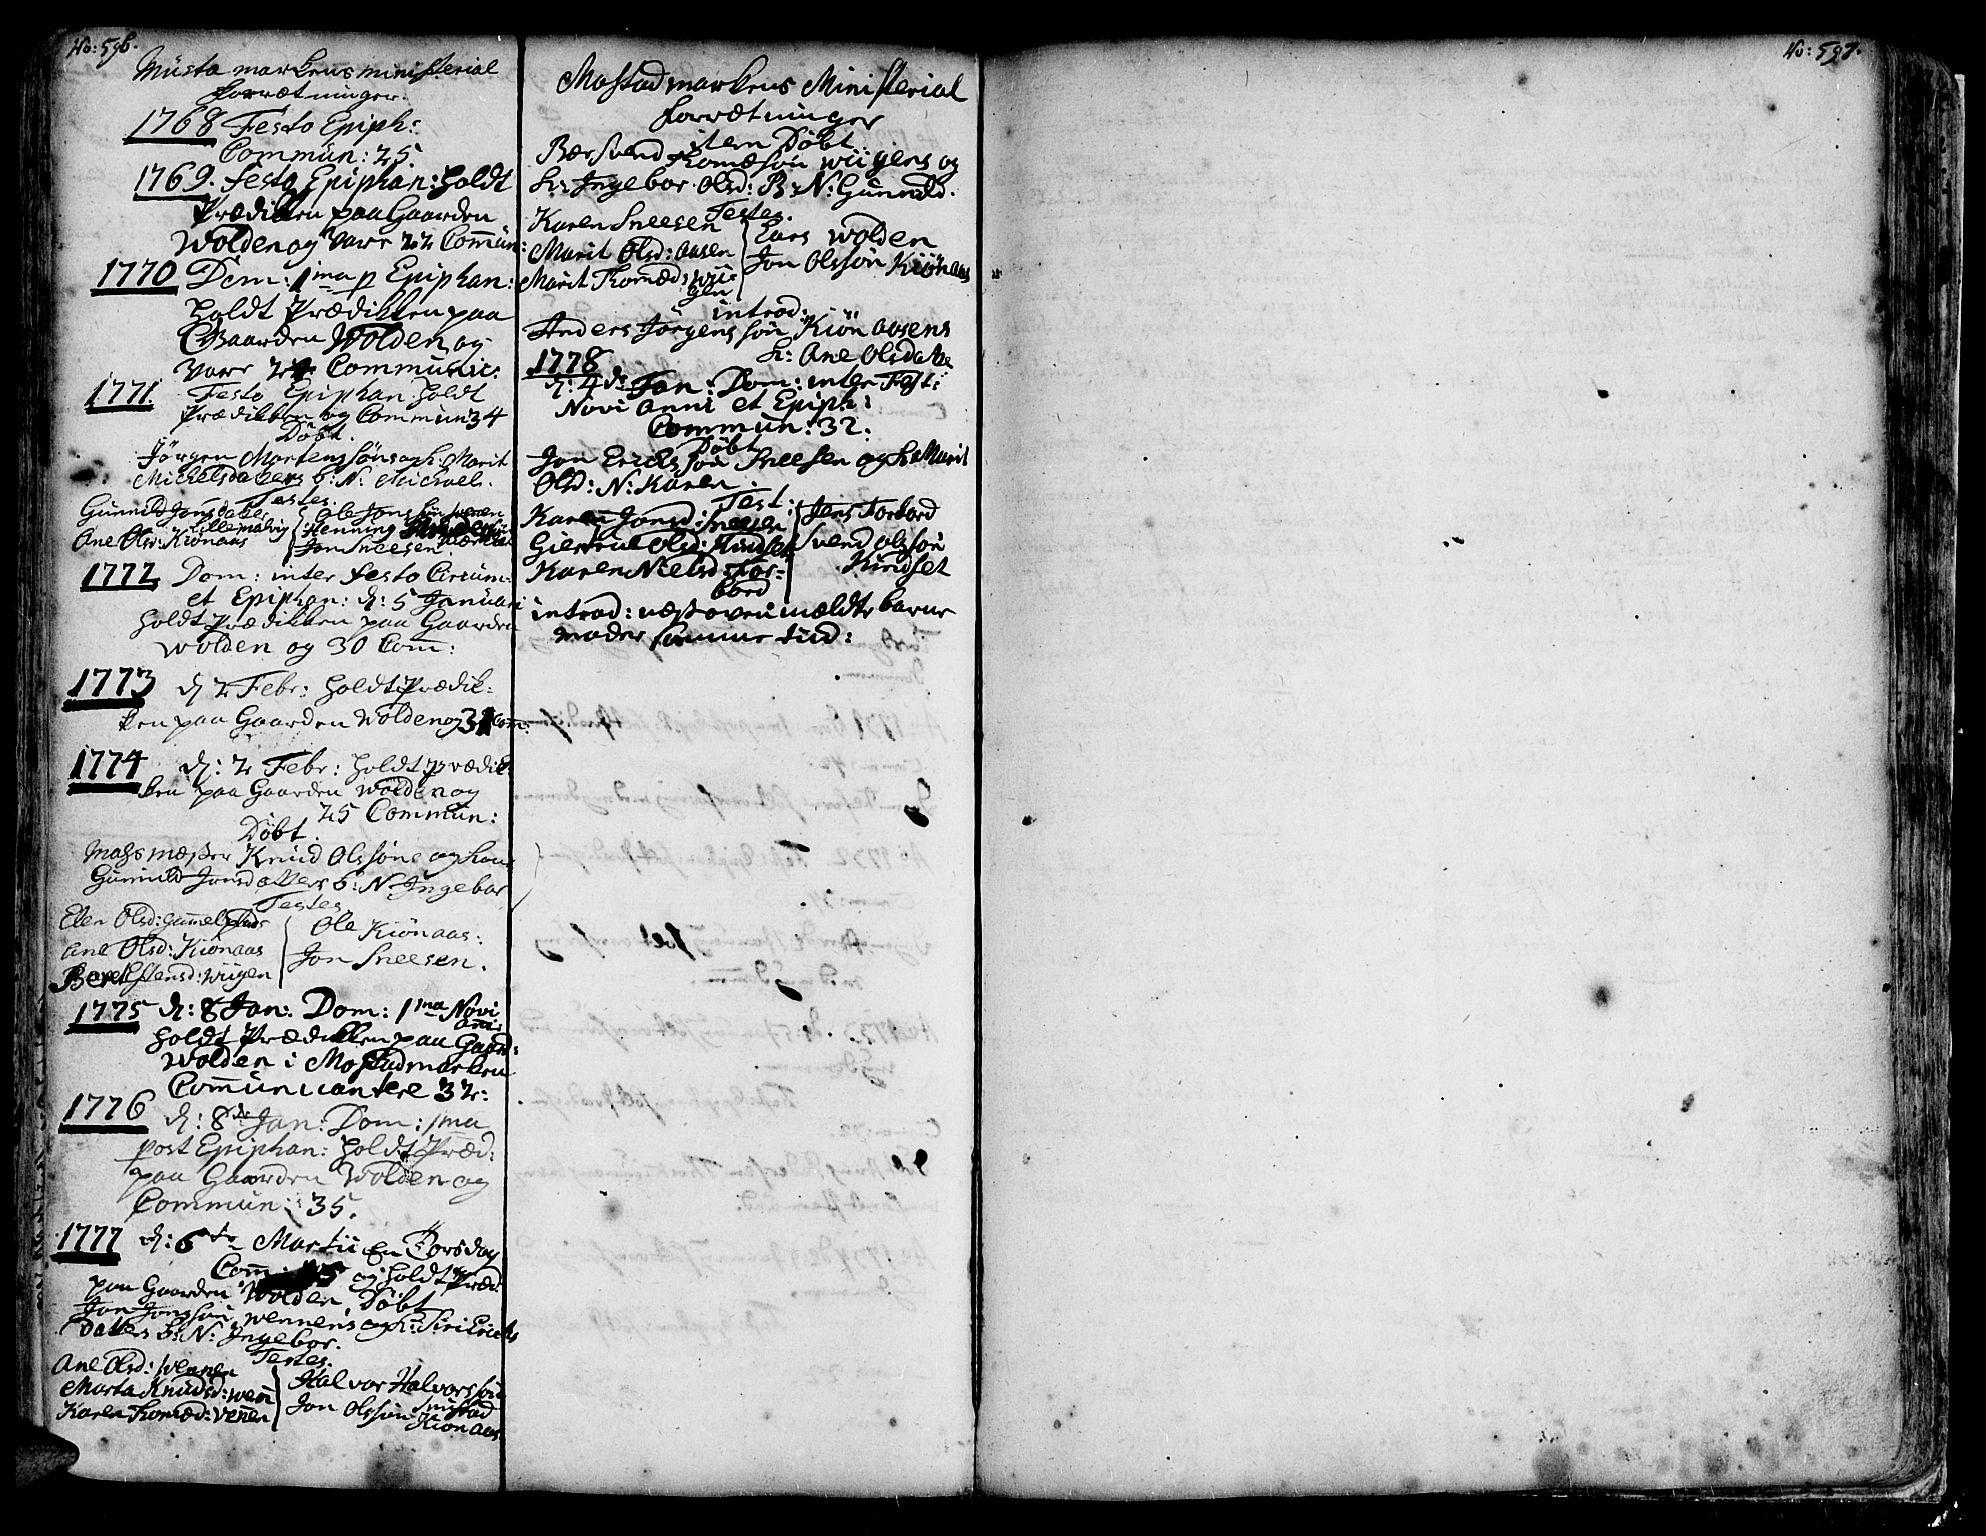 SAT, Ministerialprotokoller, klokkerbøker og fødselsregistre - Sør-Trøndelag, 606/L0279: Ministerialbok nr. 606A01 /5, 1728-1778, s. 596-597